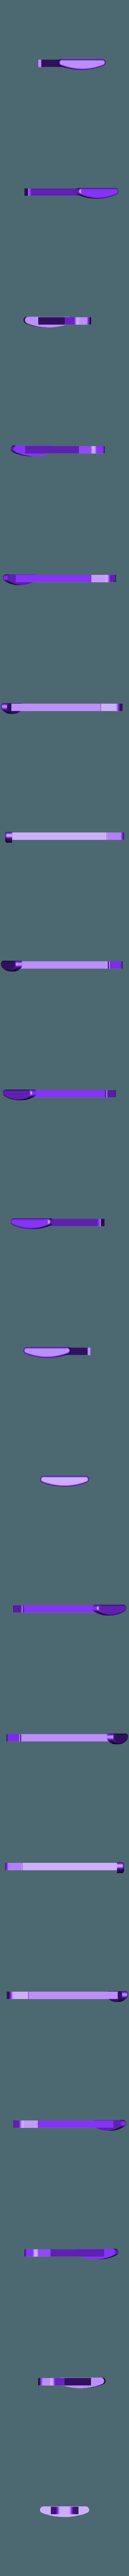 Hinge.stl Télécharger fichier STL gratuit Affaire des jumelles • Plan à imprimer en 3D, CartesianCreationsAU